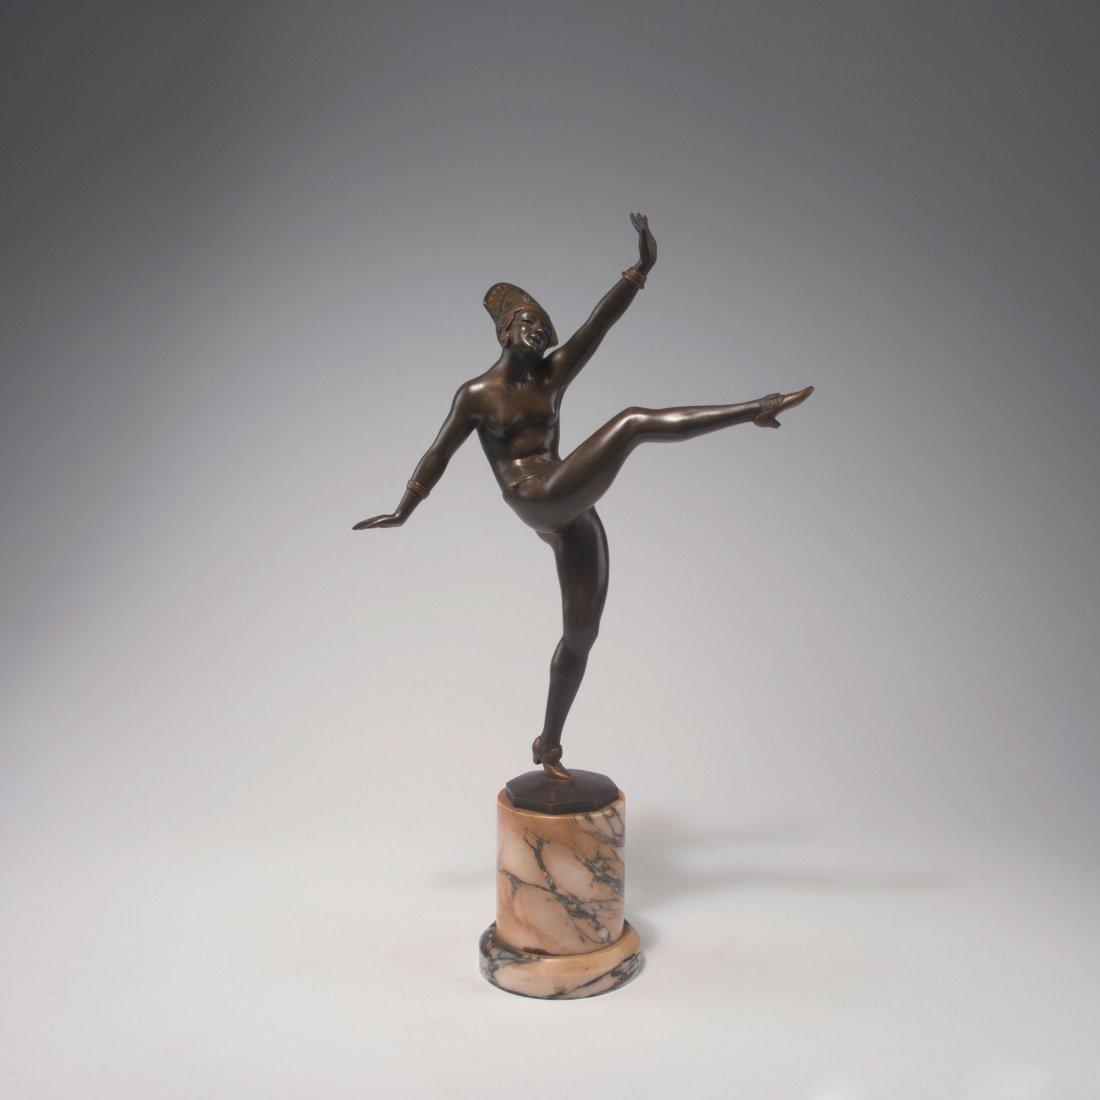 'High Kicker', 1920s